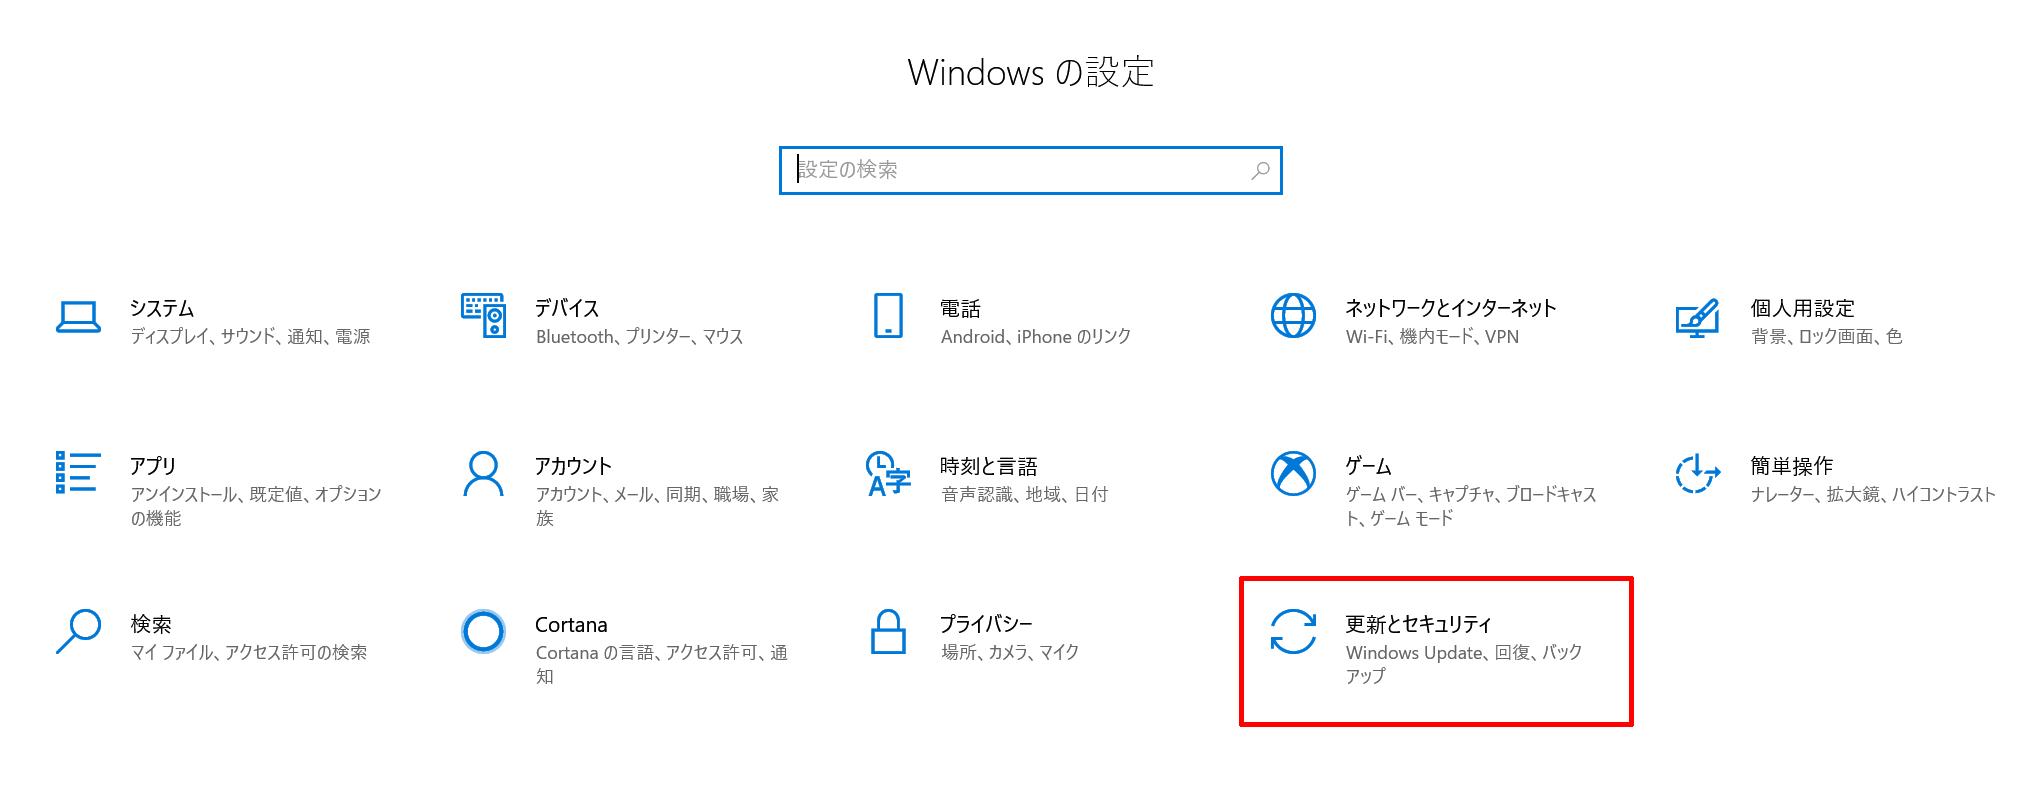 windowsの設定の中にある更新とセキュリティをクリックする